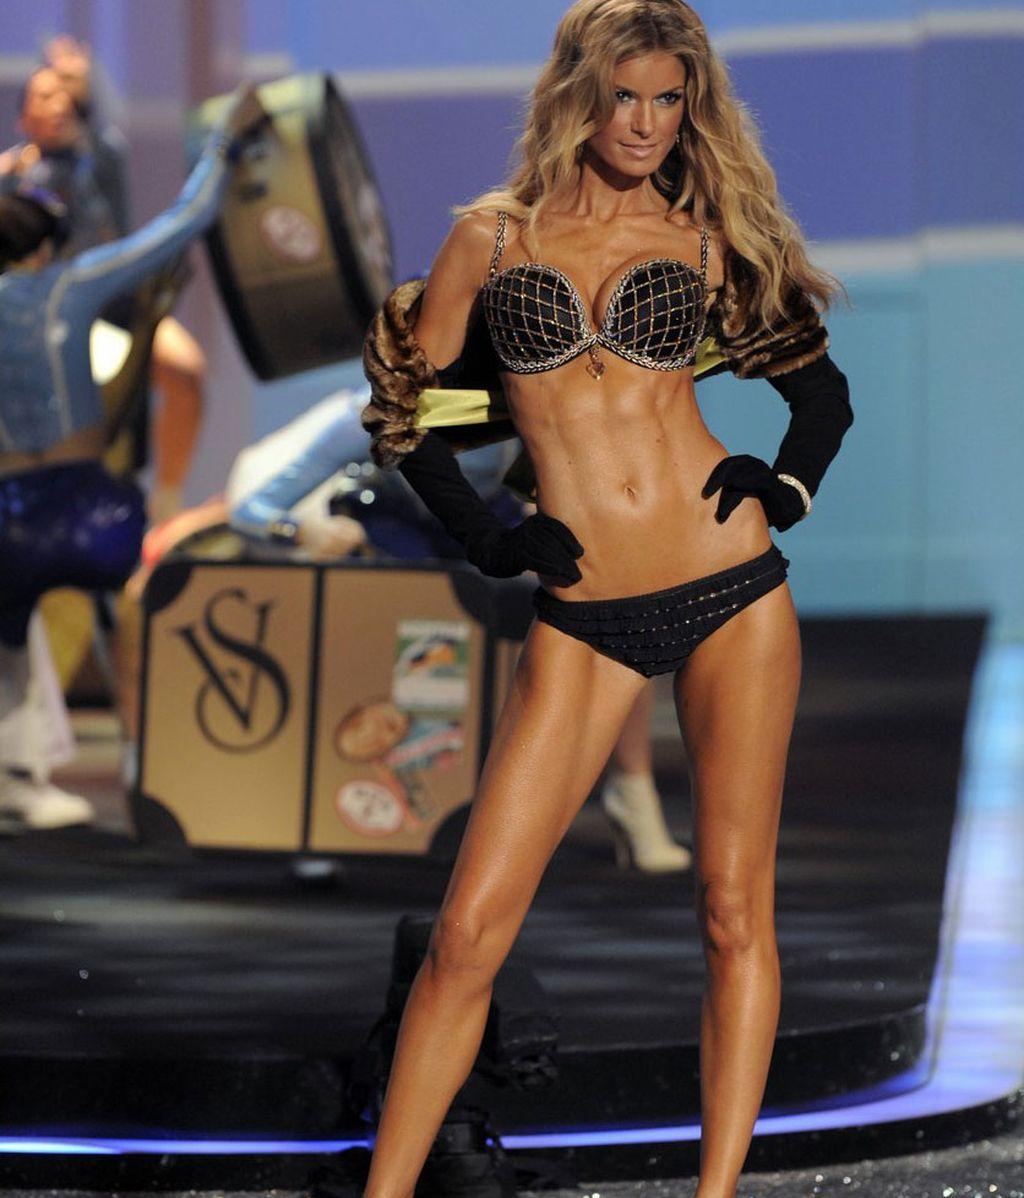 La modelo de Victoria's Secret, Marissa Miller, ha dado a luz a su primer hijo